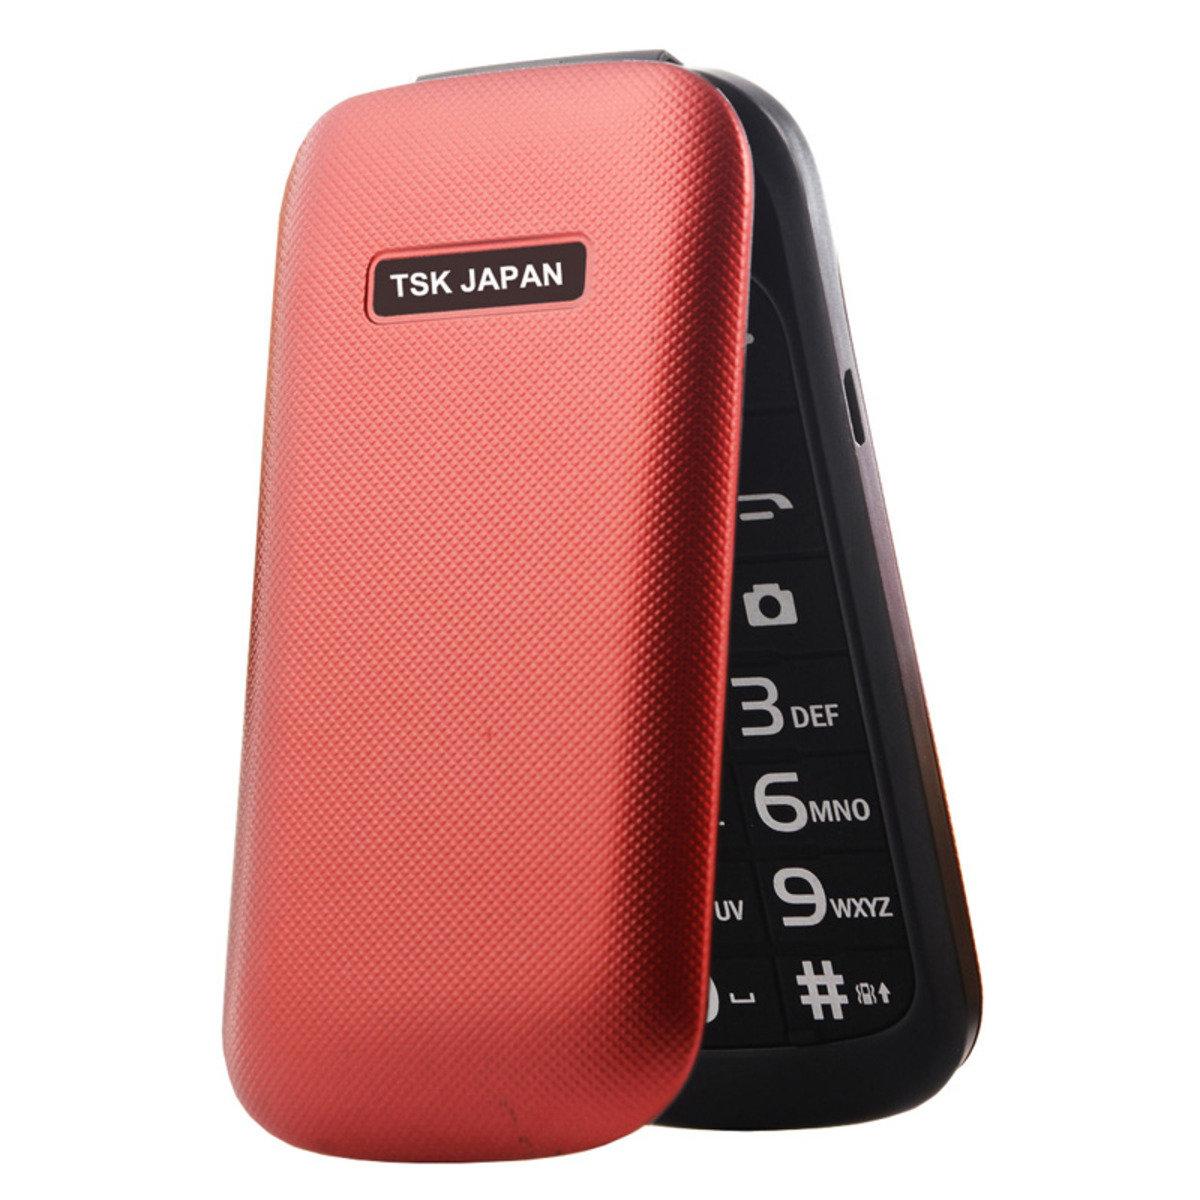 日本TSK A800折合式長者平安手機 紅色 SKU00O20